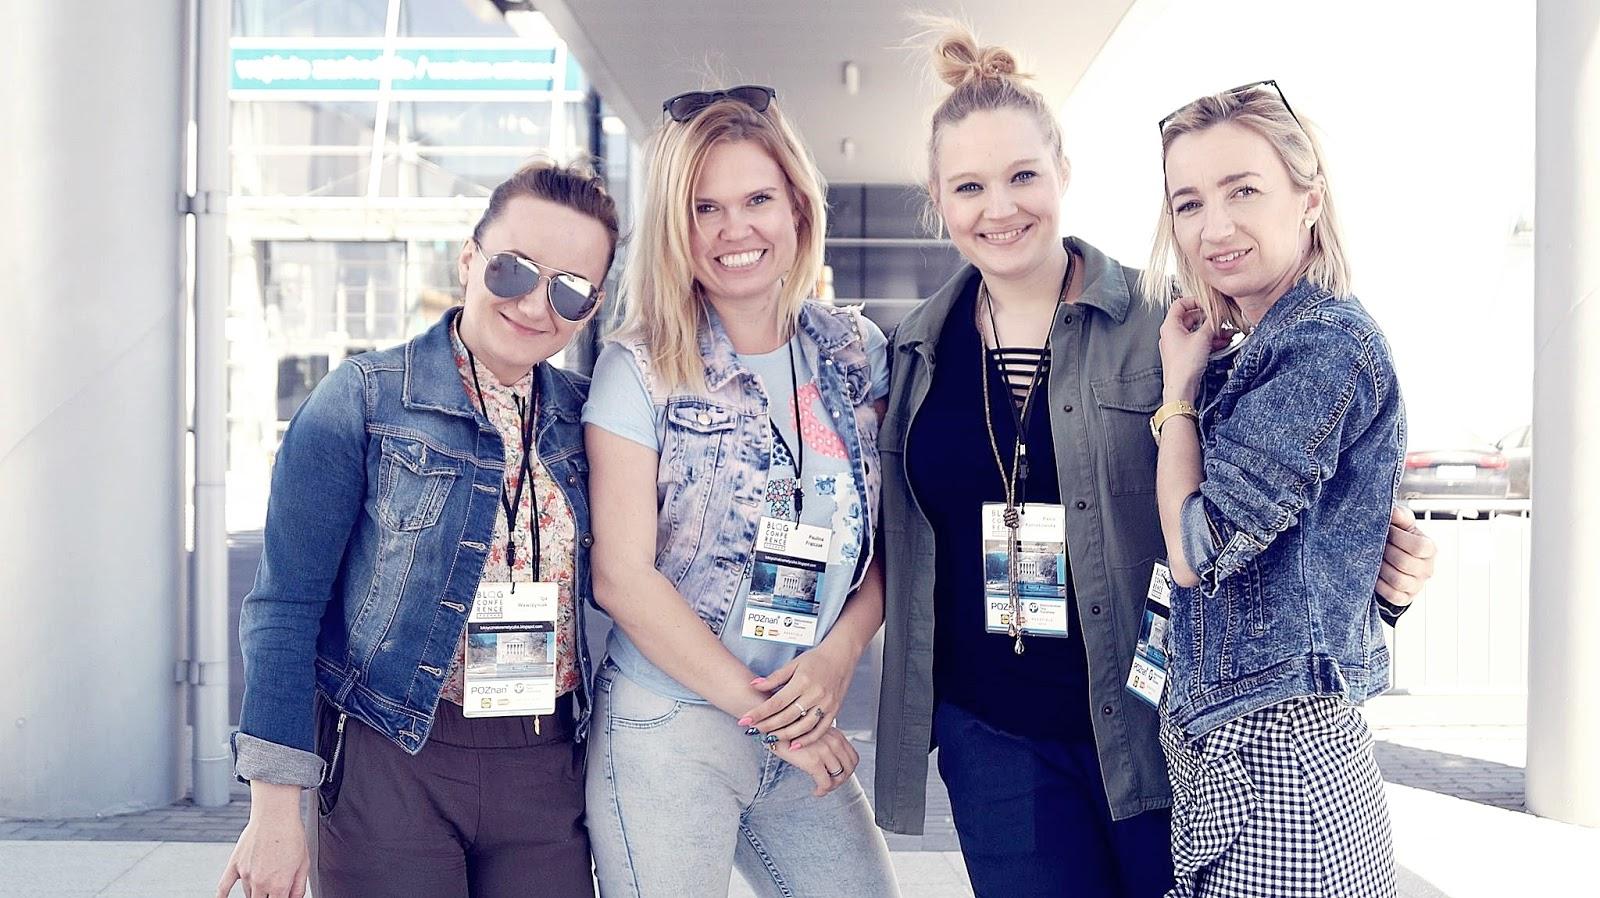 plusy-i-minusy-konferencji-blogerów